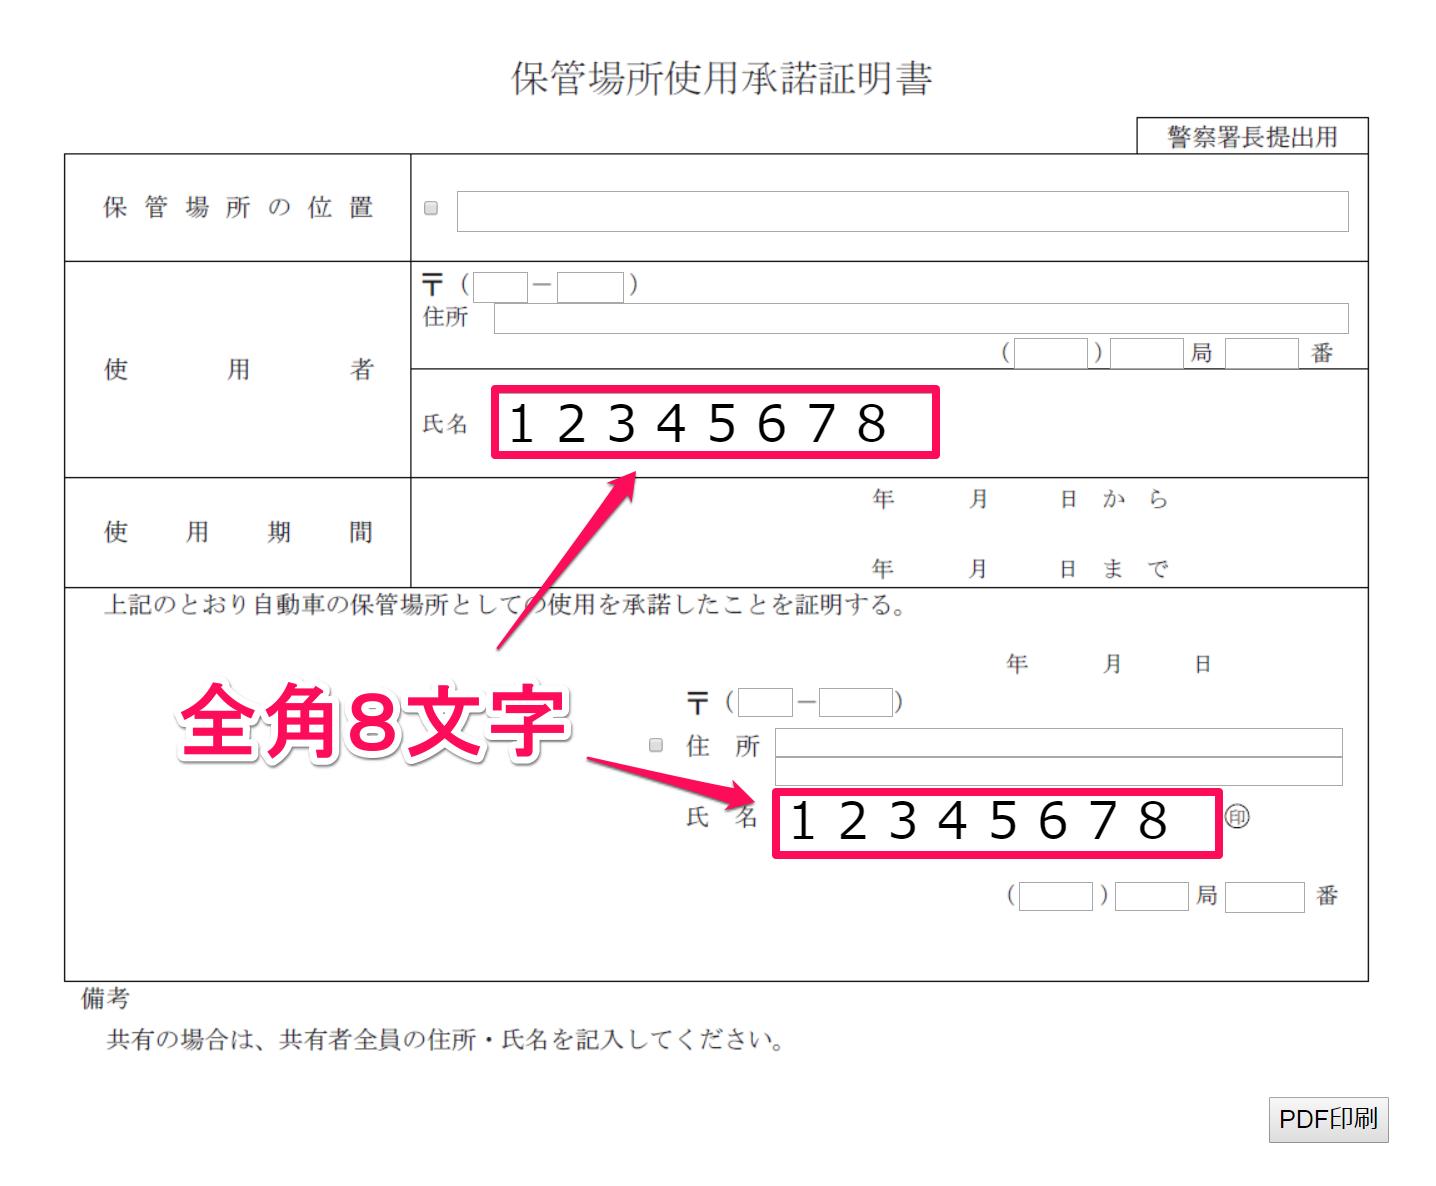 承諾書の入力文字数